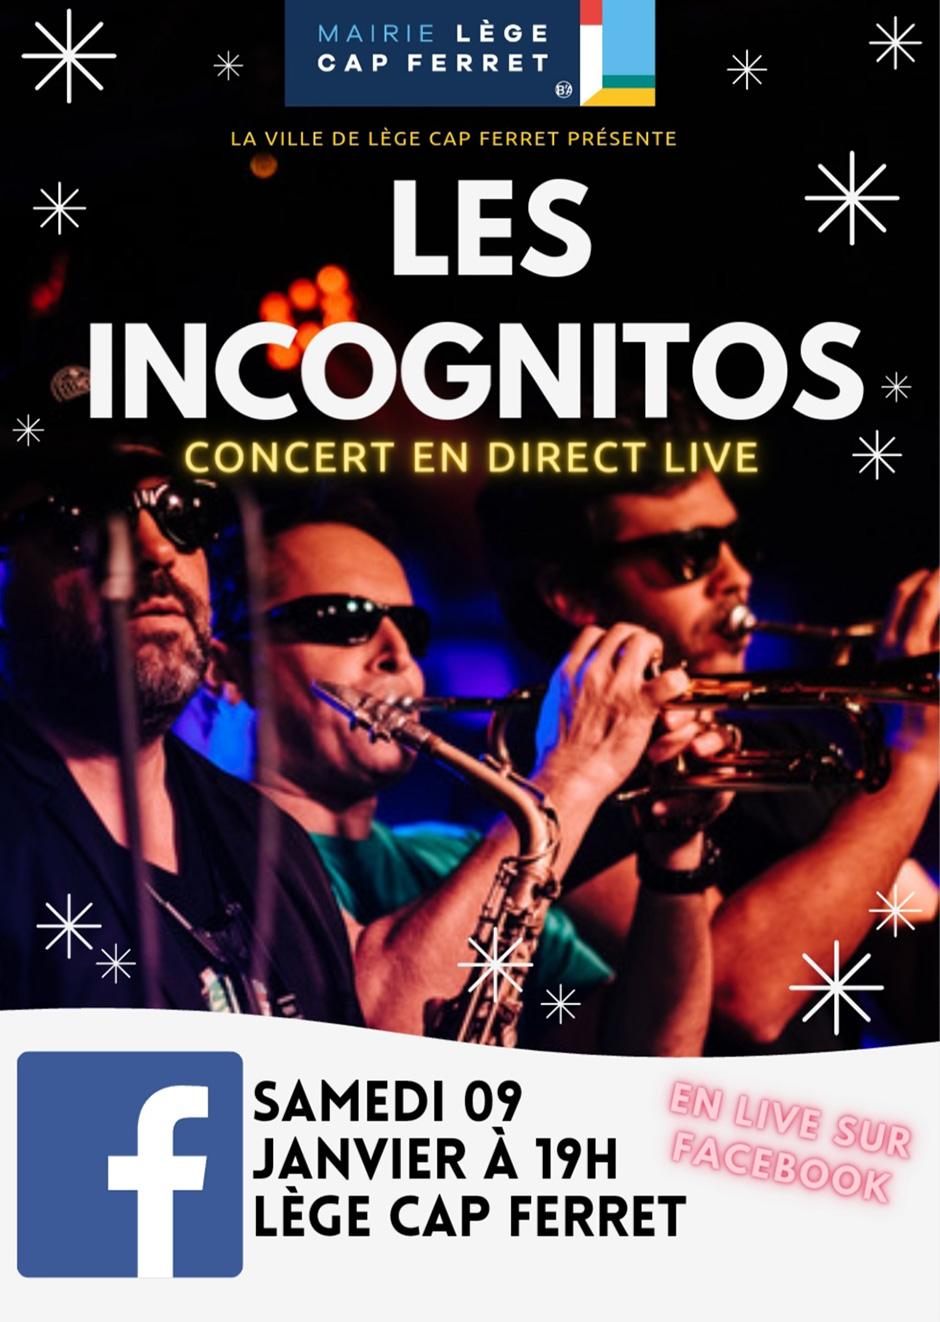 Les Incognitos en live sur Facebook !